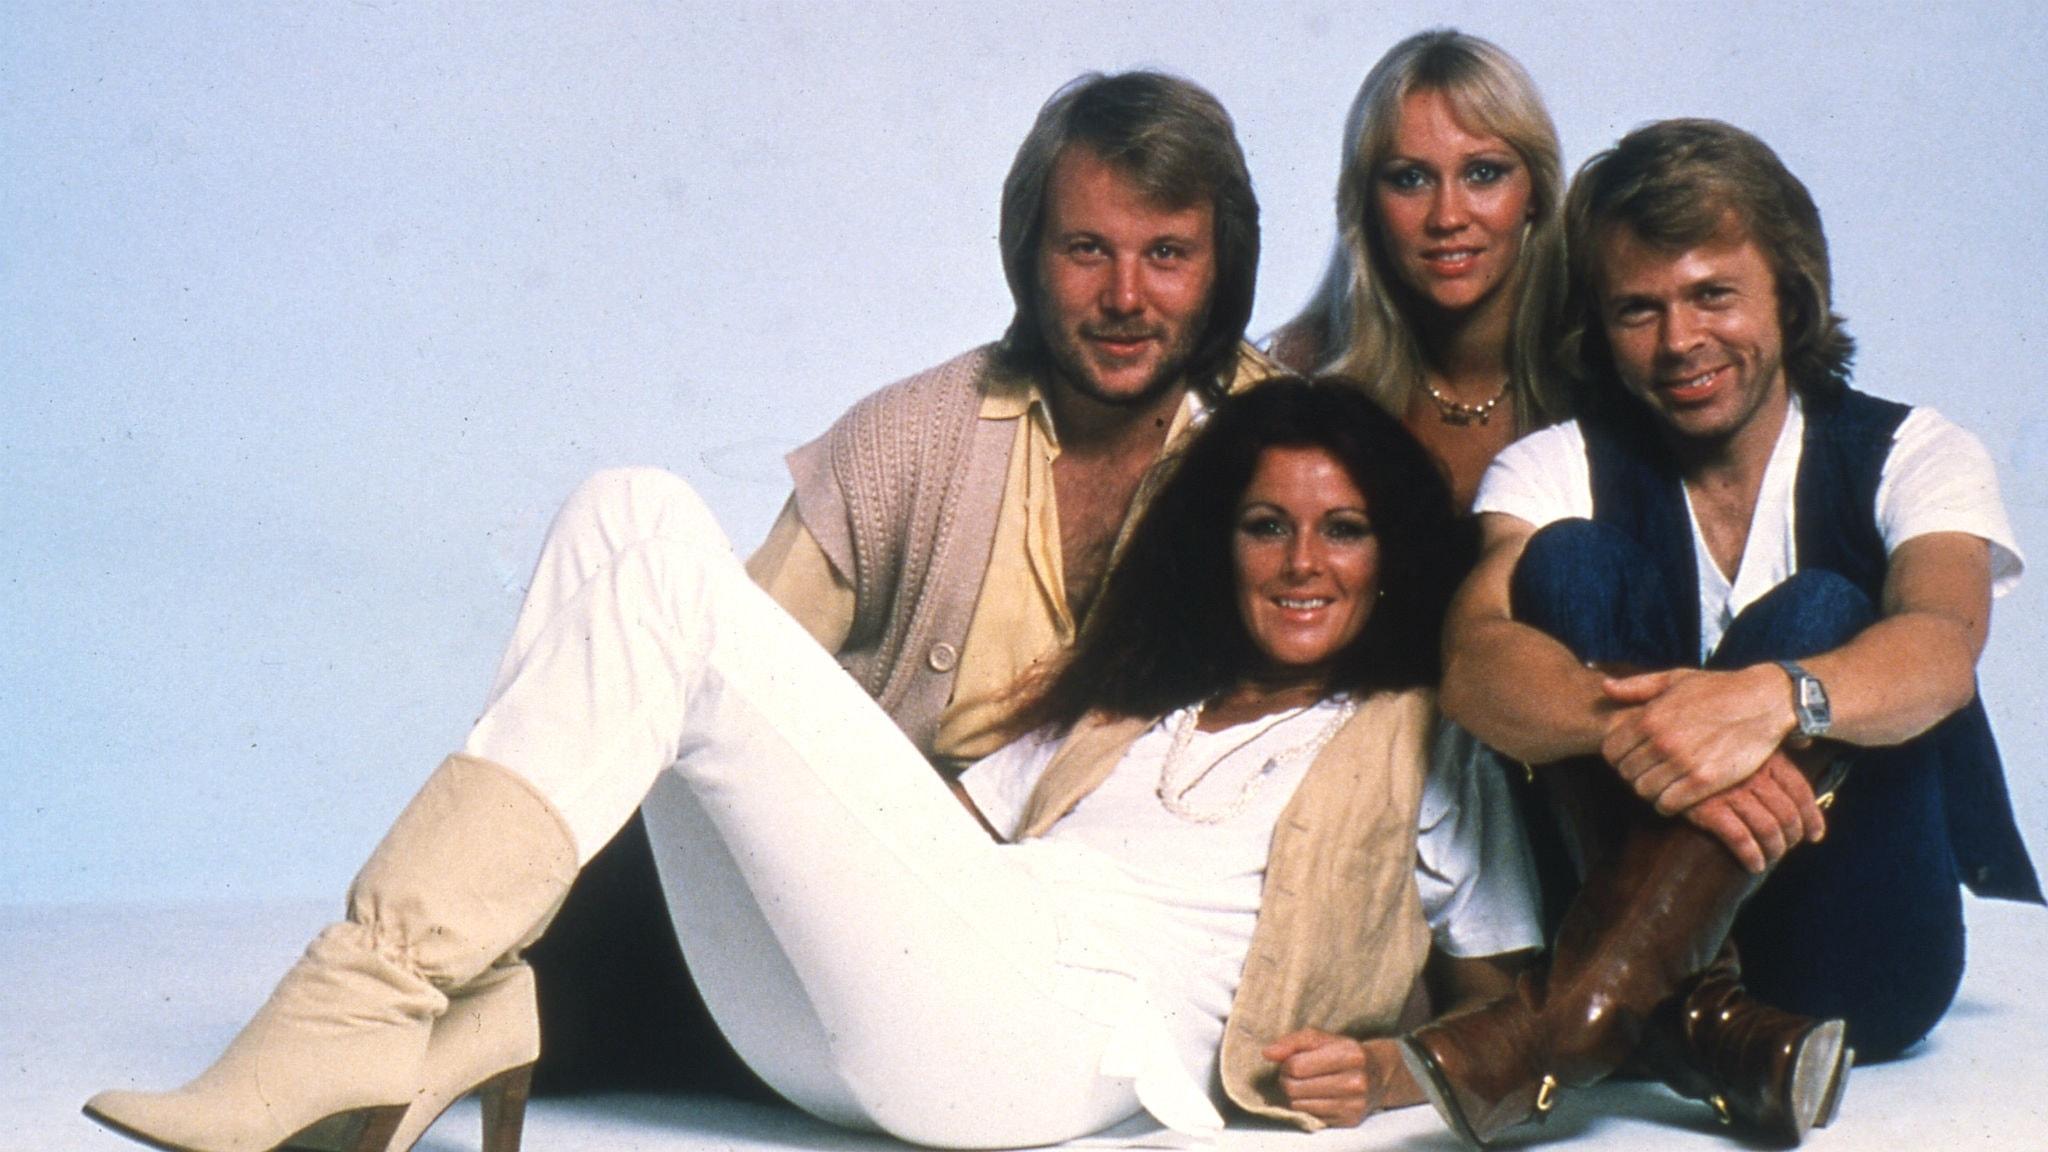 Hör Kersti Adams-Ray lista de 20 mest sålda skivorna i Sverige den 22 juli 1975